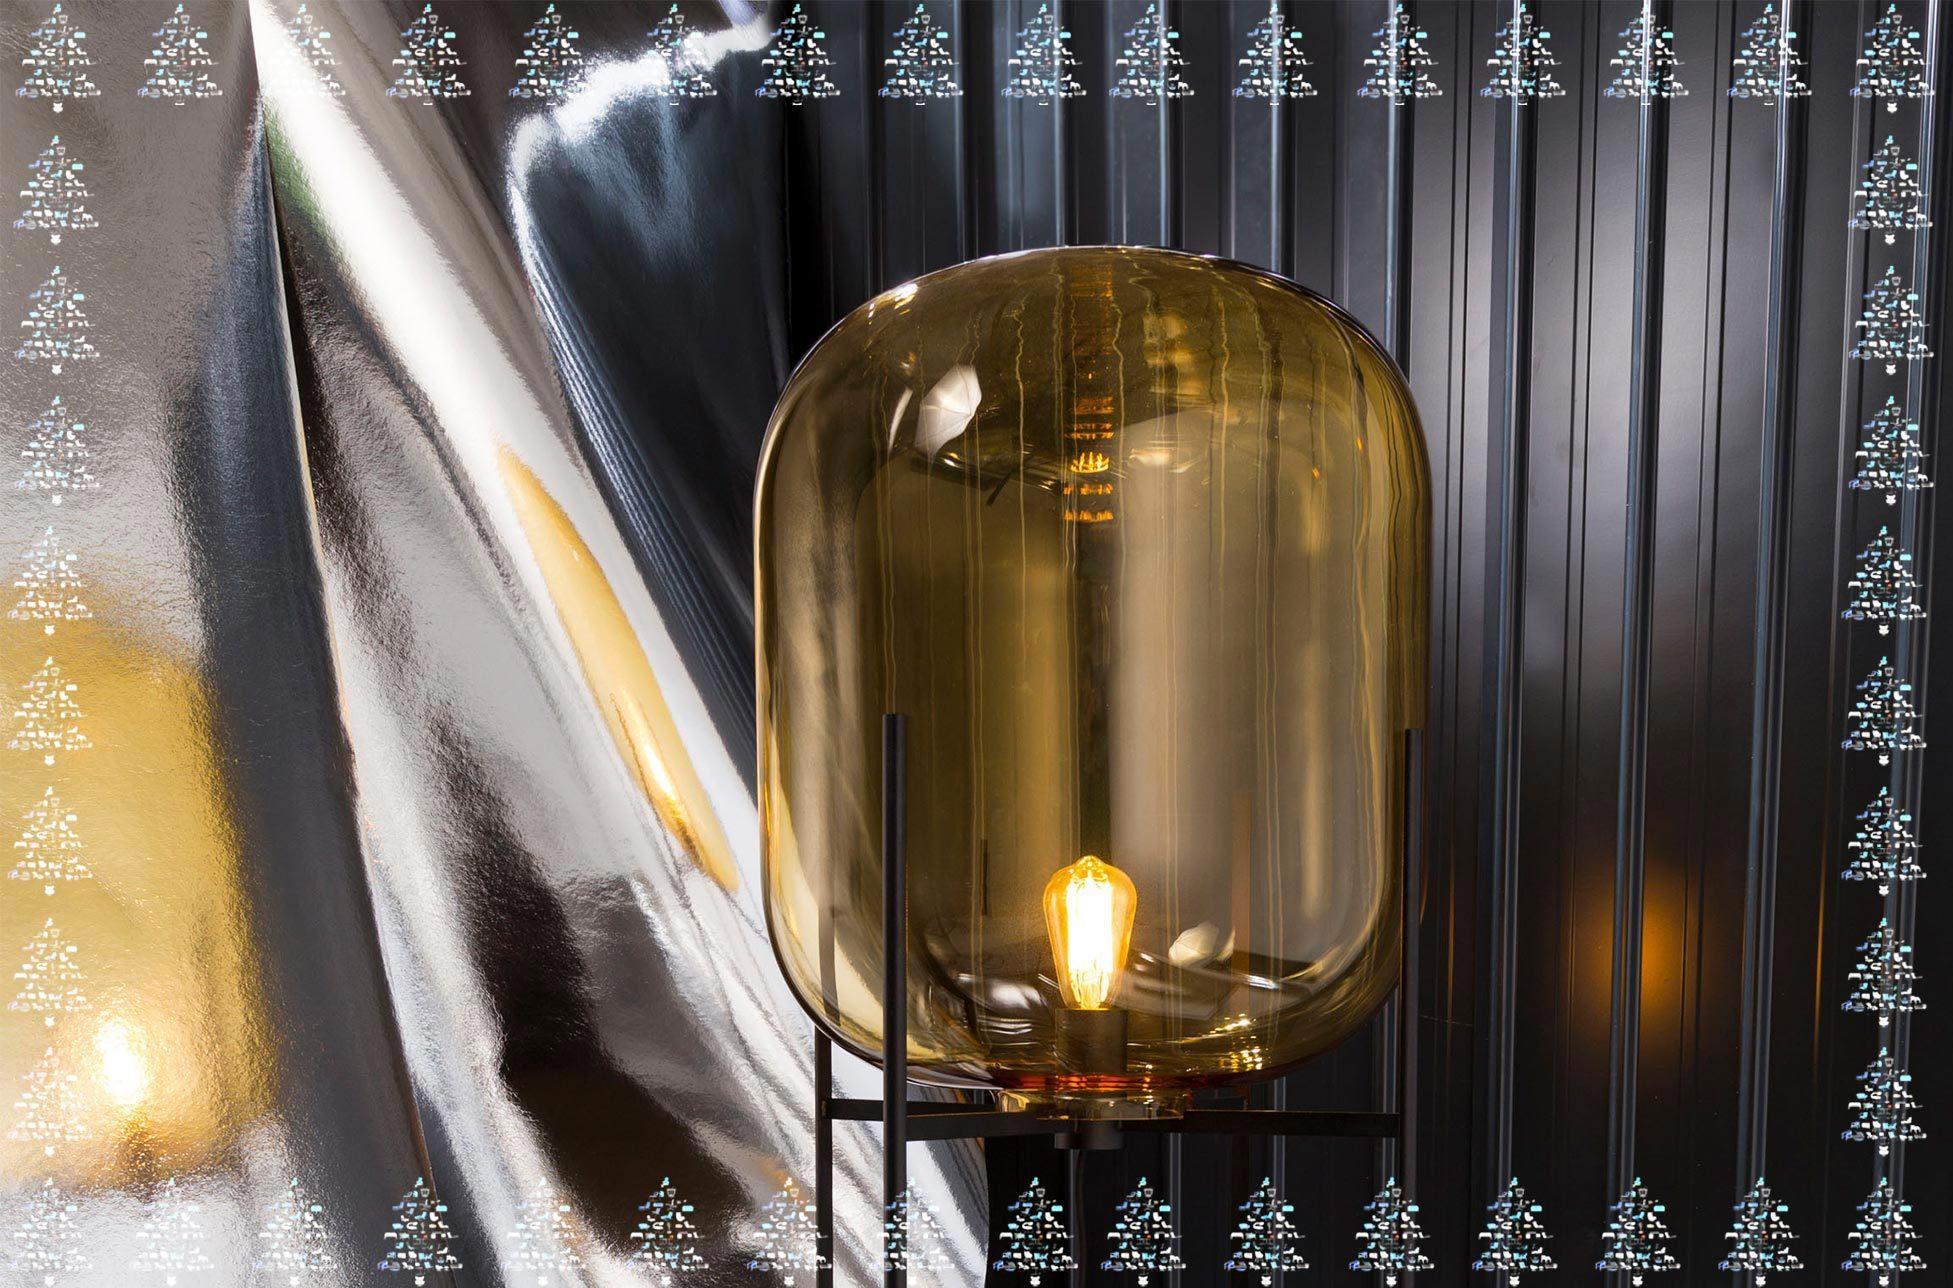 Bis zum 31. Dezember können Sie die Tischleuchte Oda von Sebastian Herkner für Pulpo in unserer Adventstombola gewinnen.